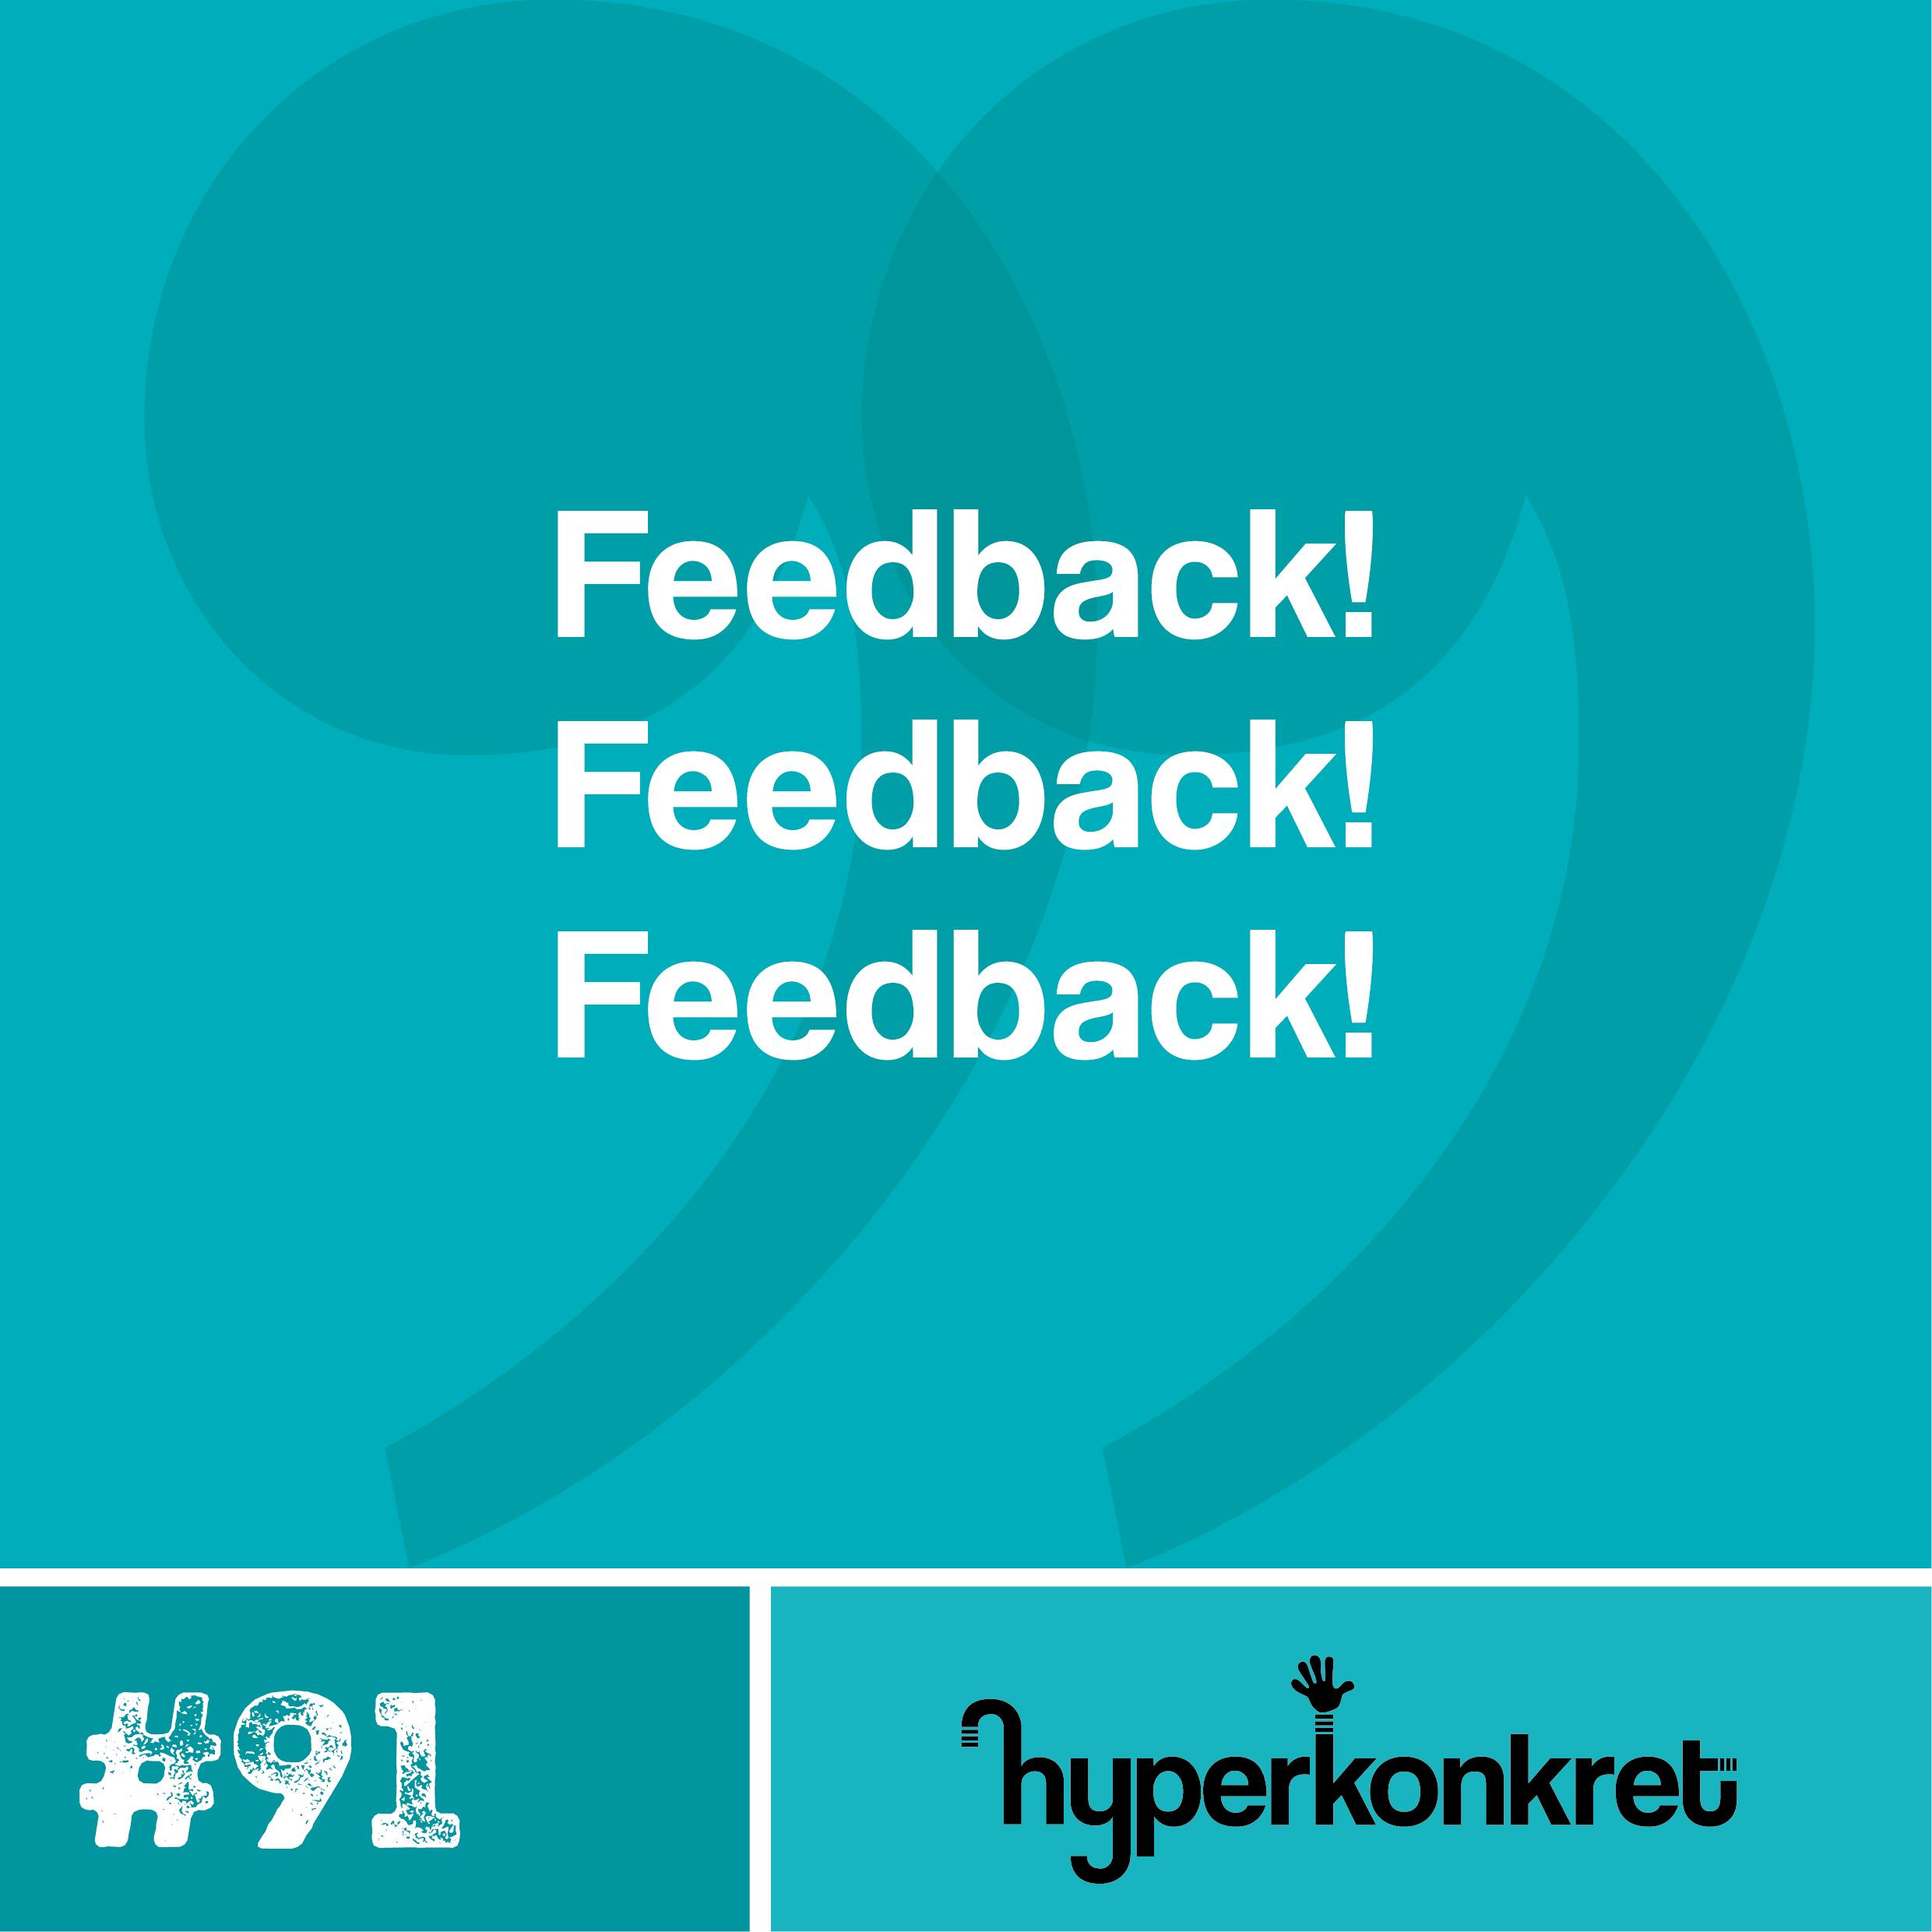 Hypertips #91 – Feedback, feedback, feedback